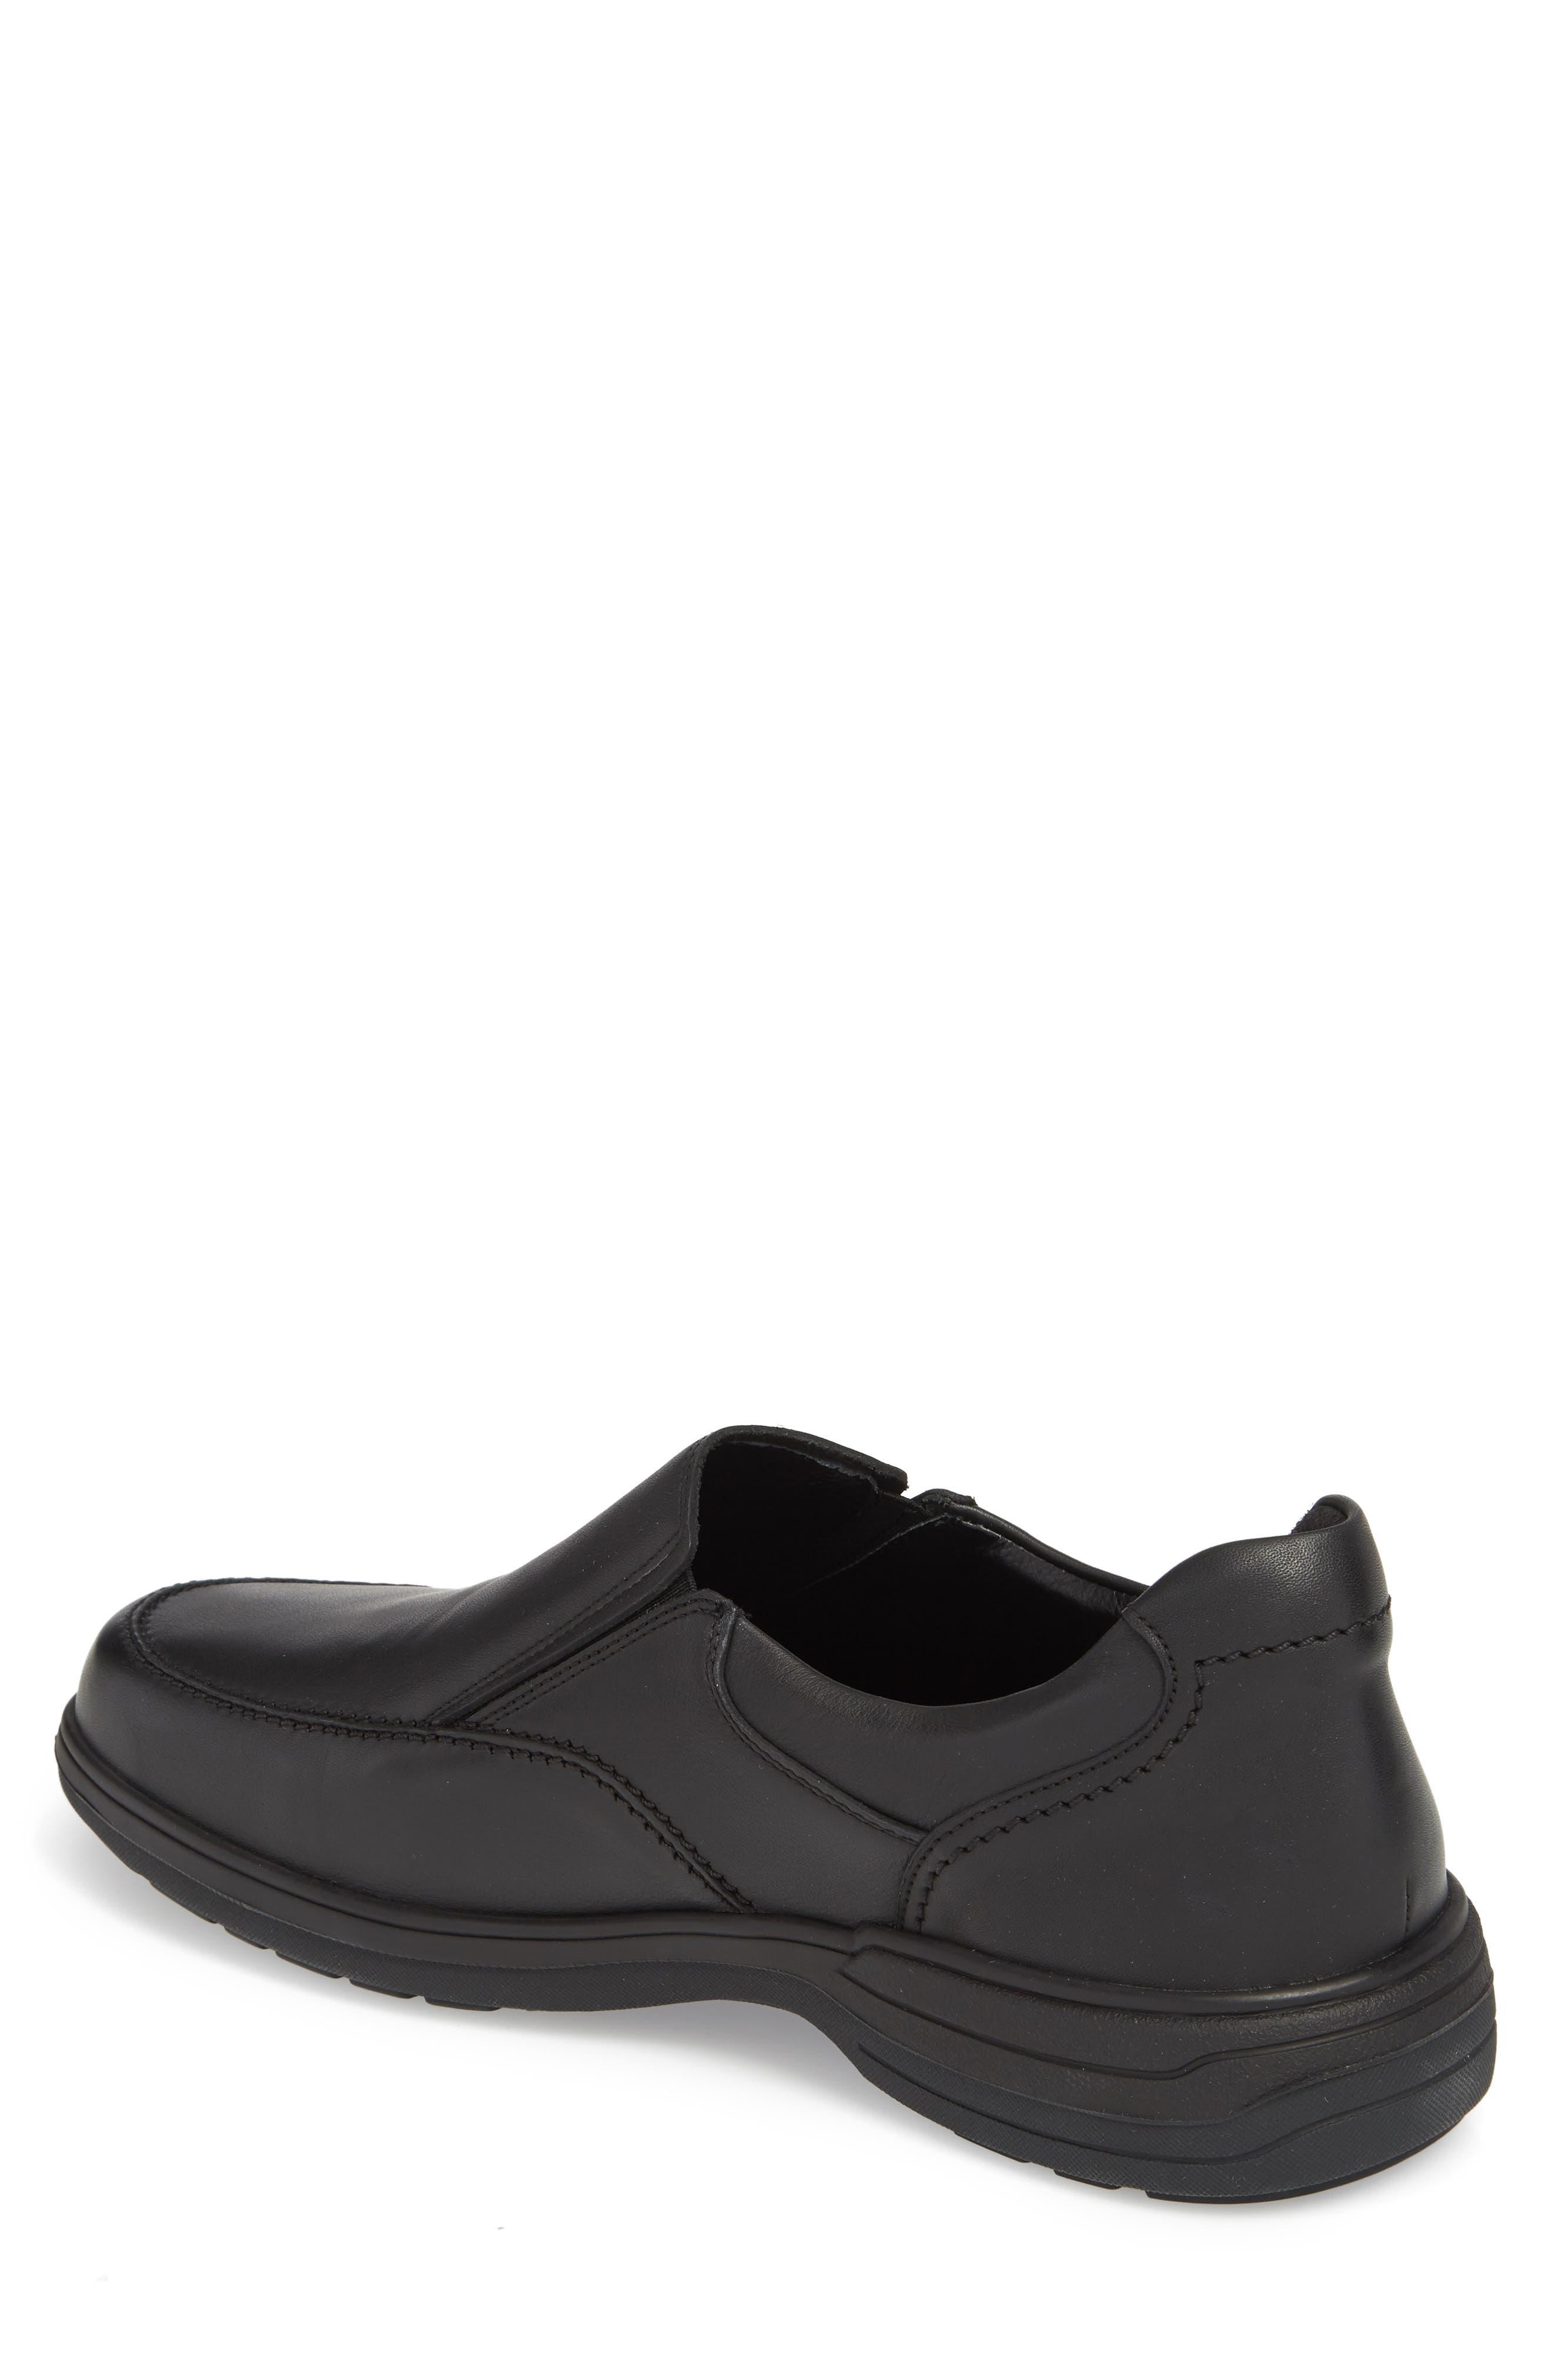 Davy Slip-On Men),                             Alternate thumbnail 2, color,                             Black Leather